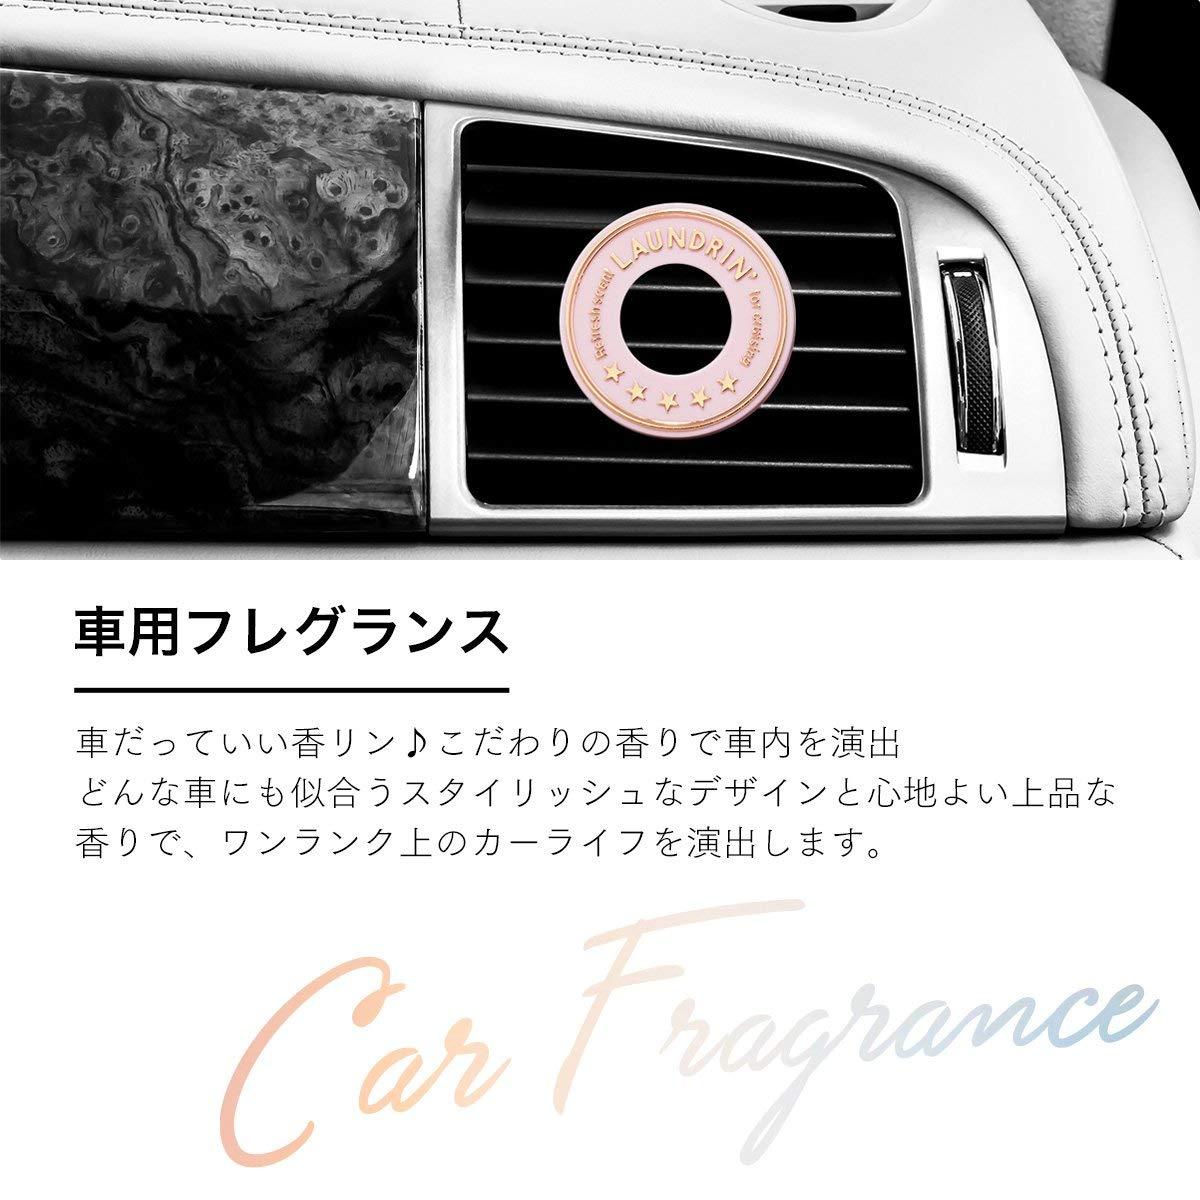 ネイチャーラボ公式:【3個セット販売】ランドリン 車用フレグランス クラシックフローラル・イメージ写真4